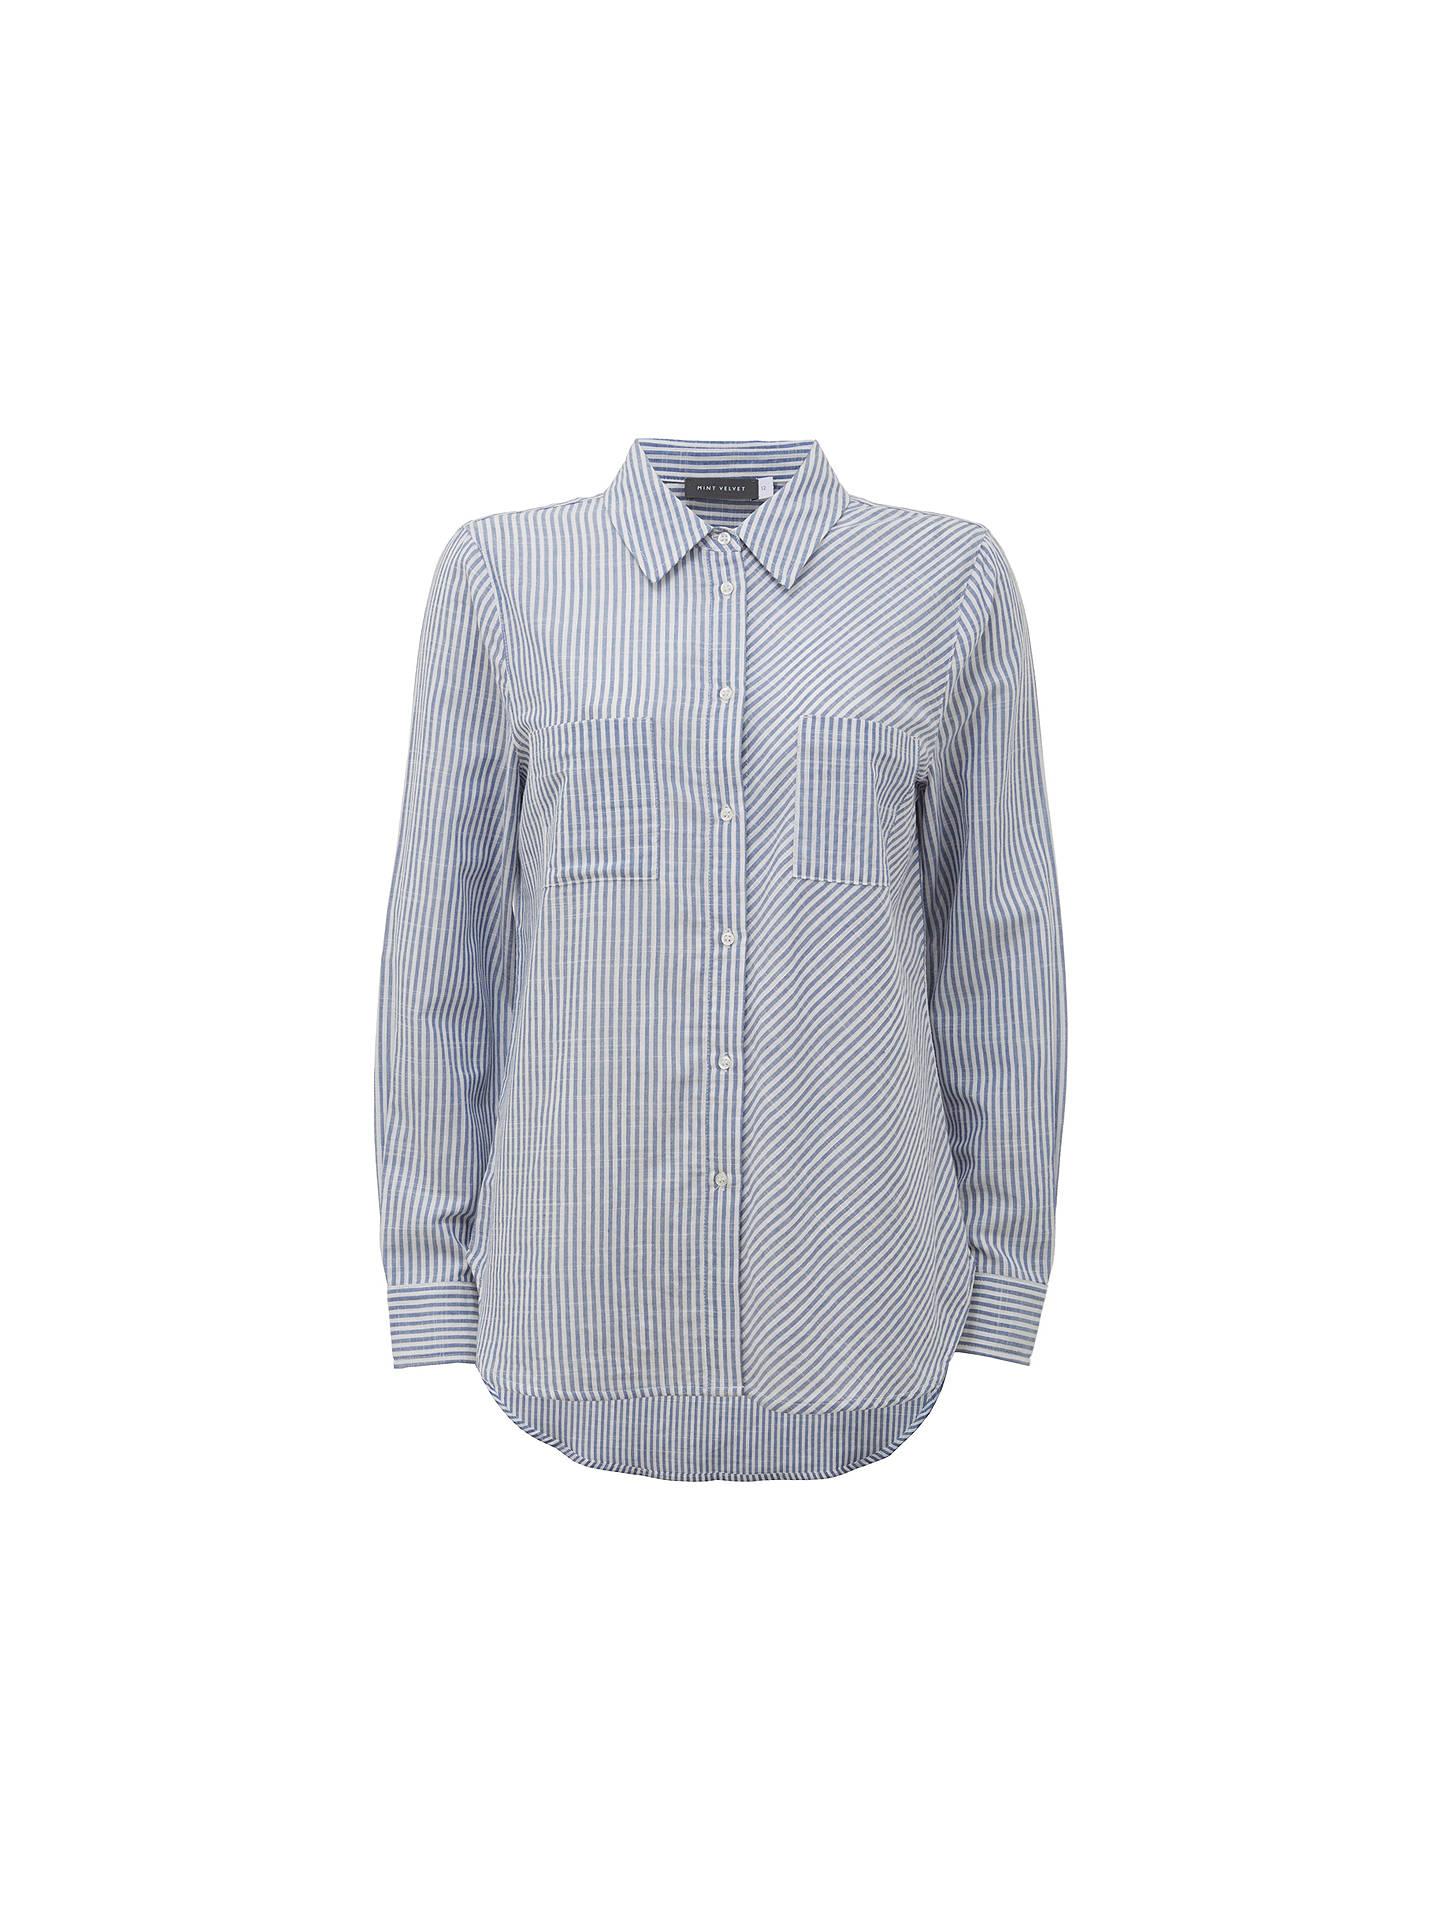 057a2f453e Buy Mint Velvet Mixed Stripe Shirt, Multi, 6 Online at johnlewis.com ...